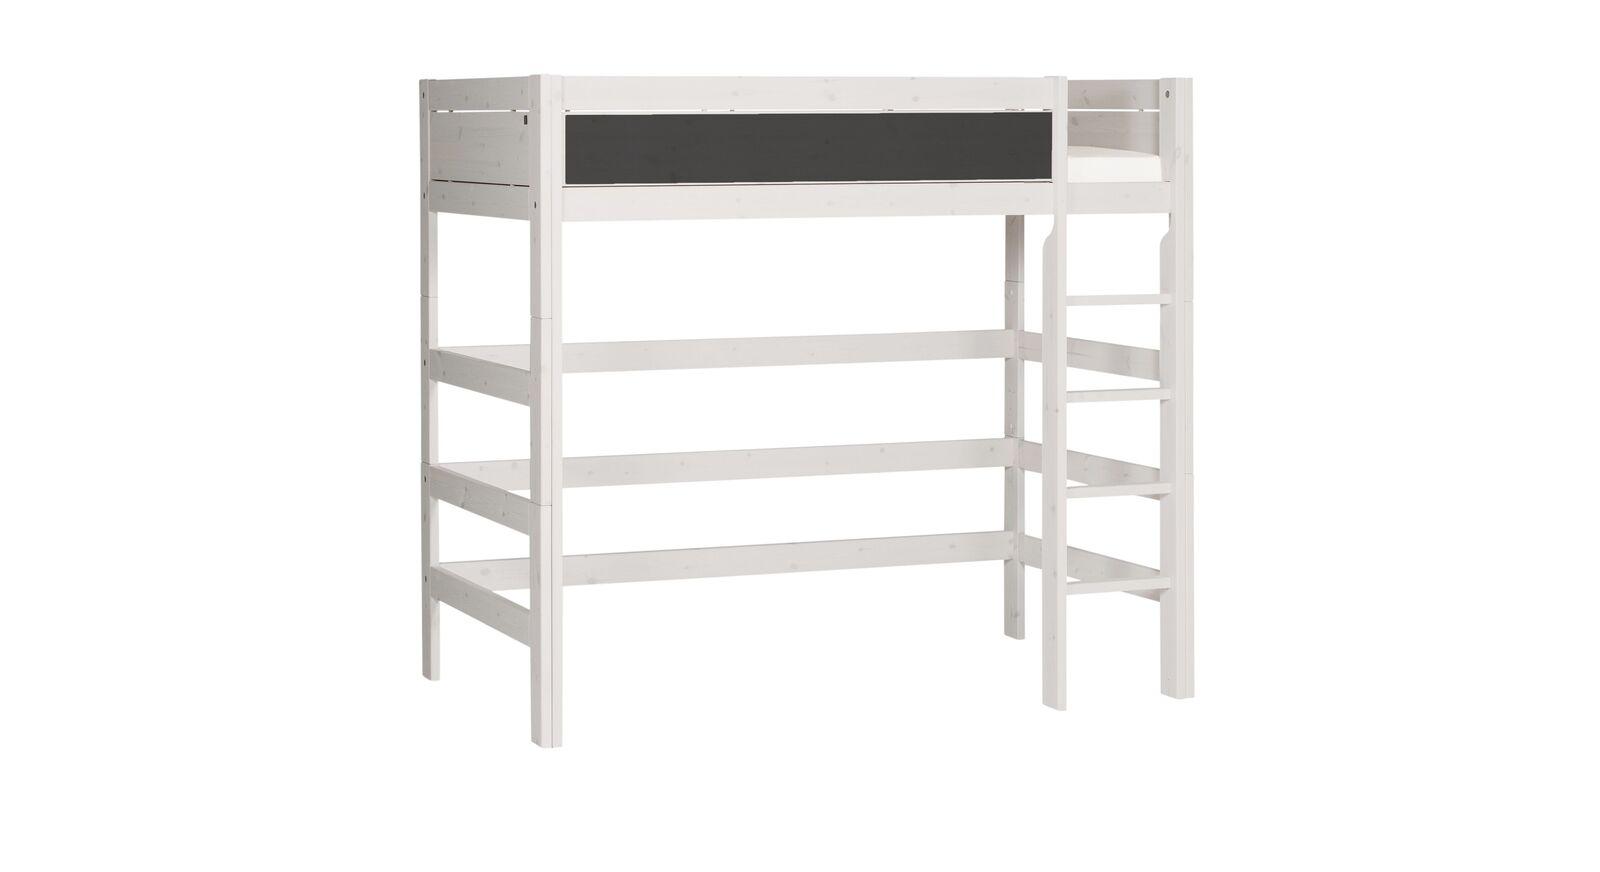 Graues LIFETIME Hochbett mit Tafel und gerader Leiter